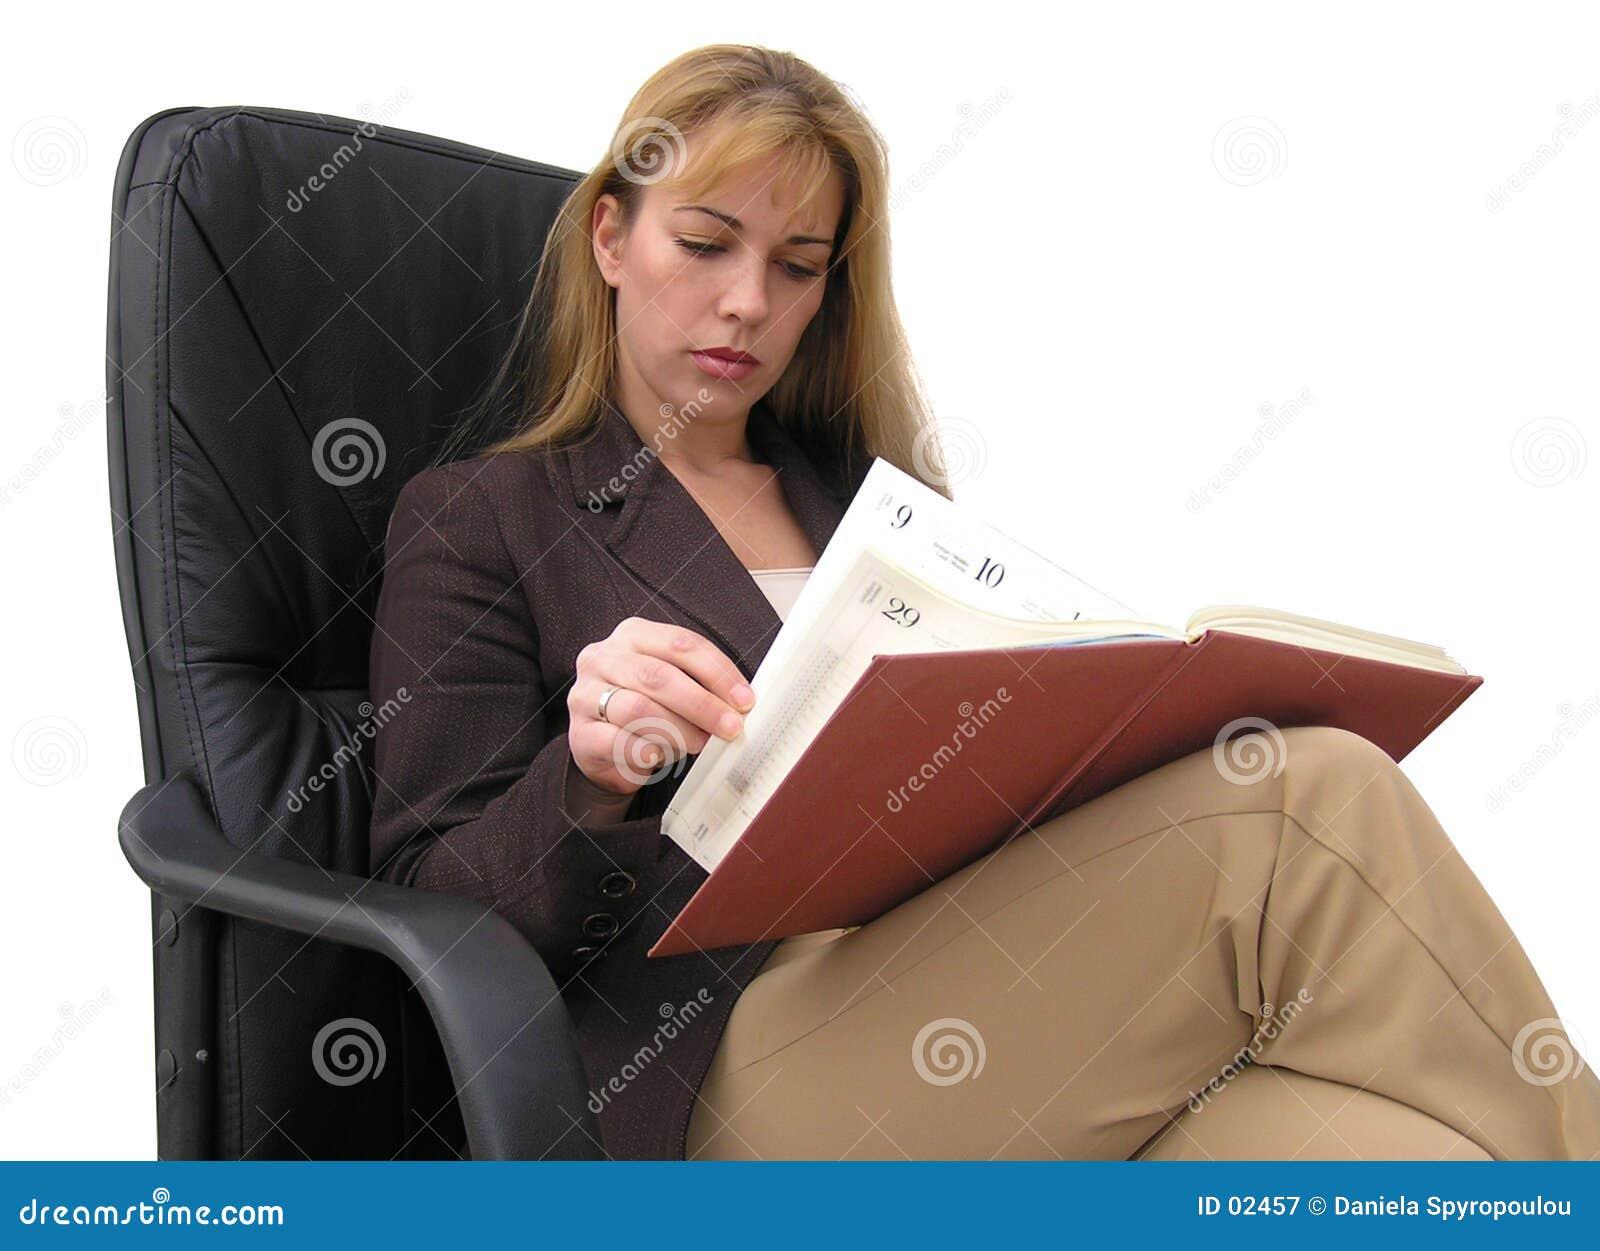 Download Programma occupato immagine stock. Immagine di businesswomen - 2457